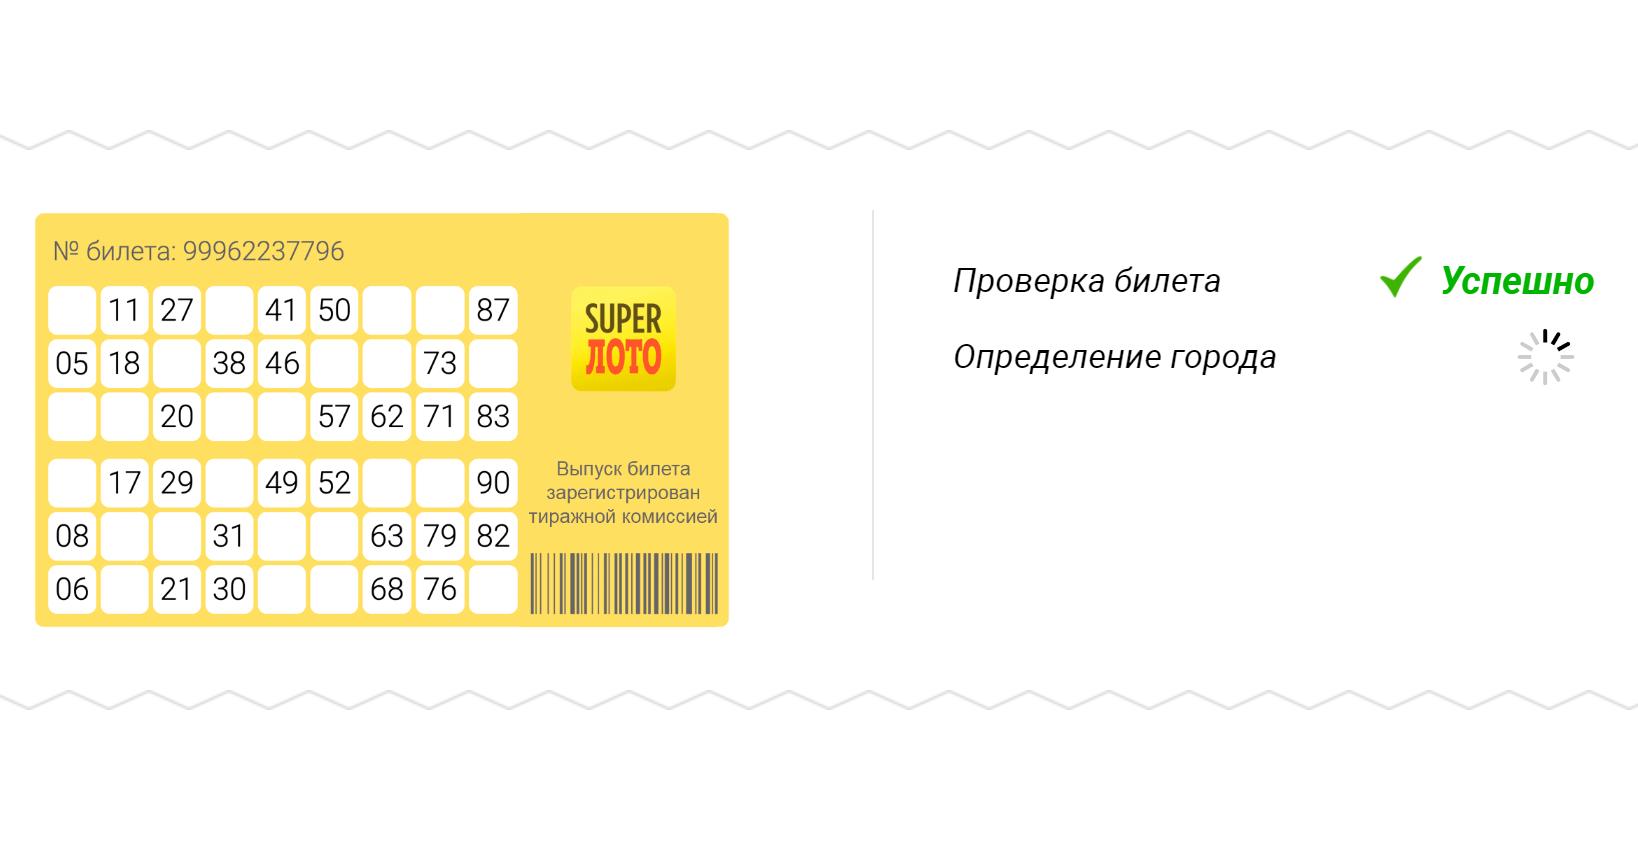 Я ничего не нажимал, но сайт запустил какую-то процедуру проверки билета